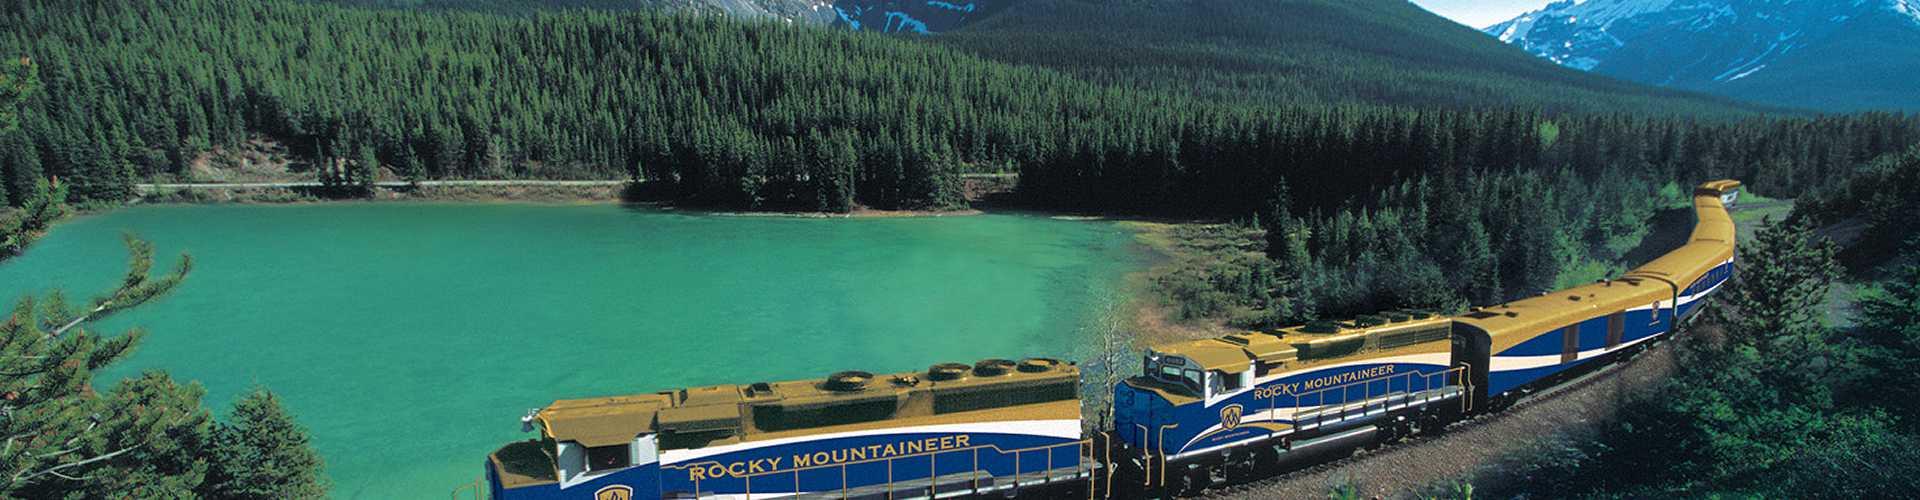 Rocky Mountaineer, Kanada